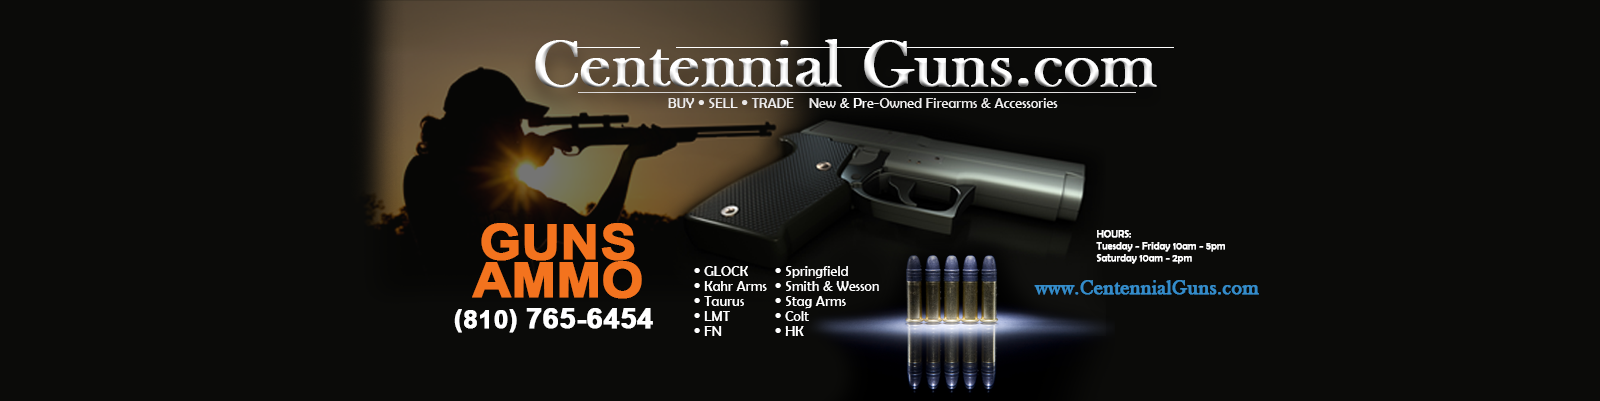 Centennial Guns